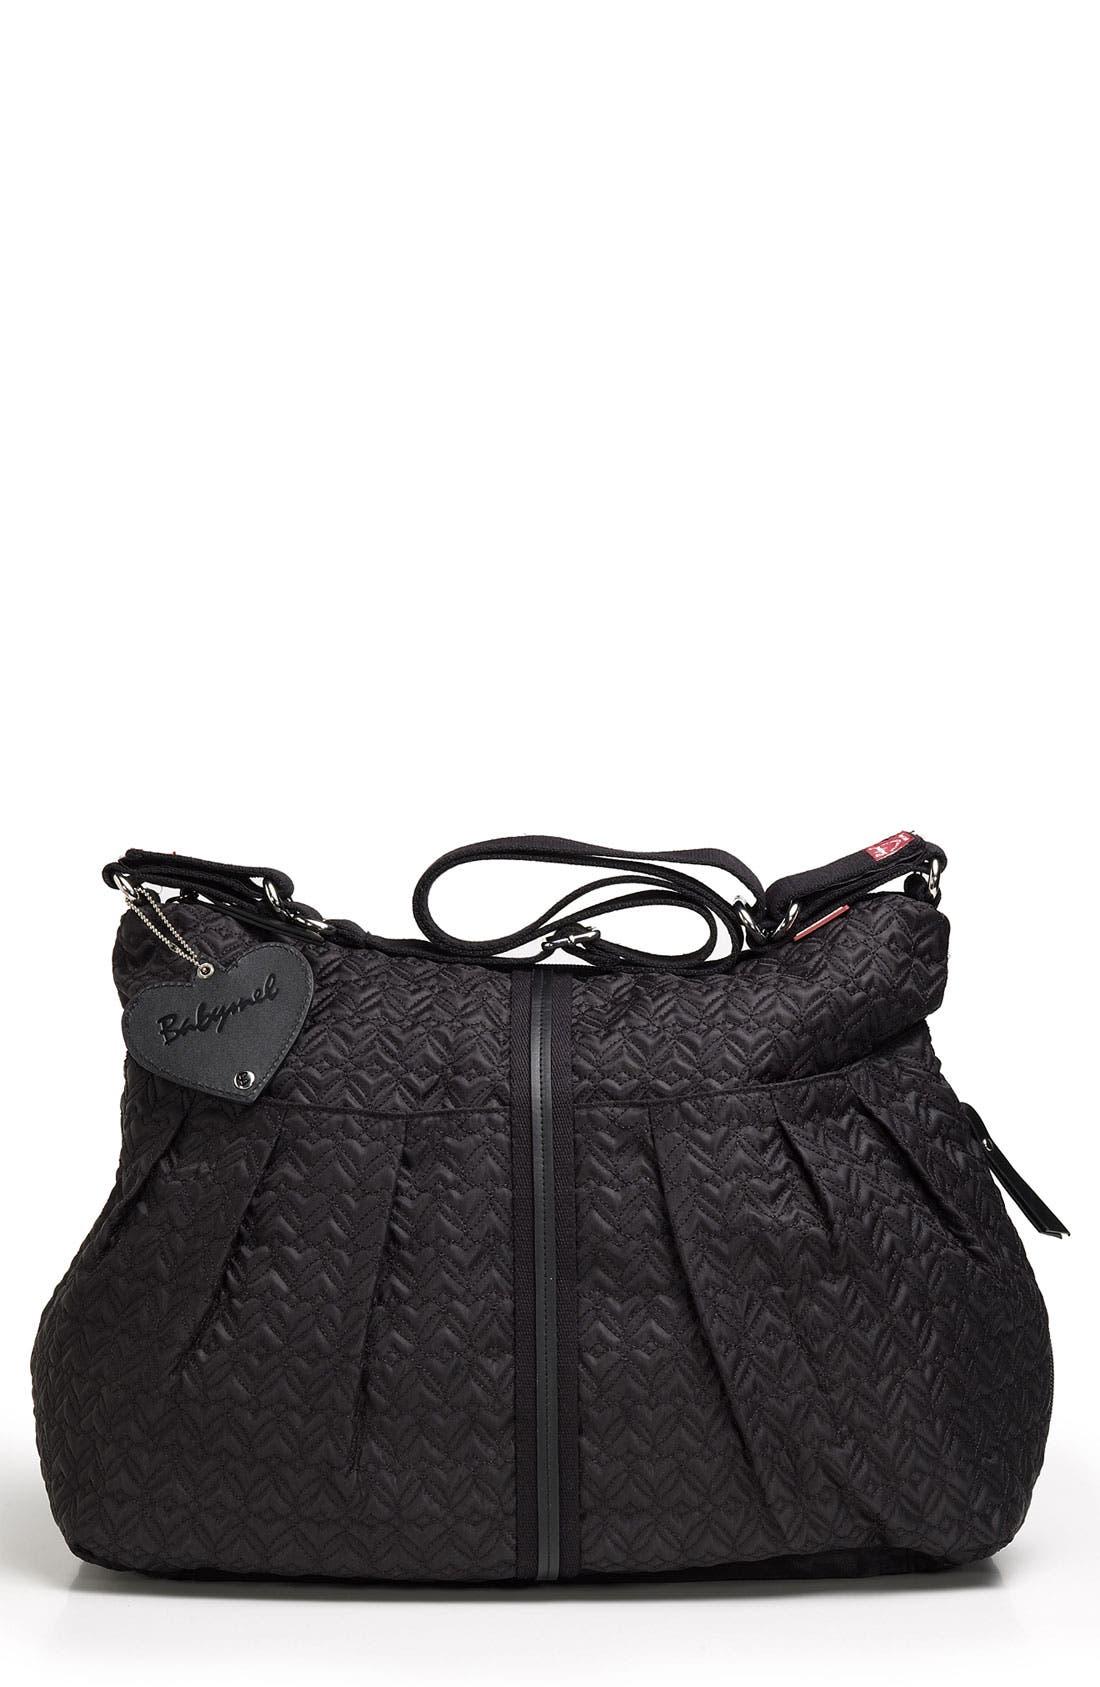 Alternate Image 1 Selected - Babymel 'Amanda' Diaper Bag